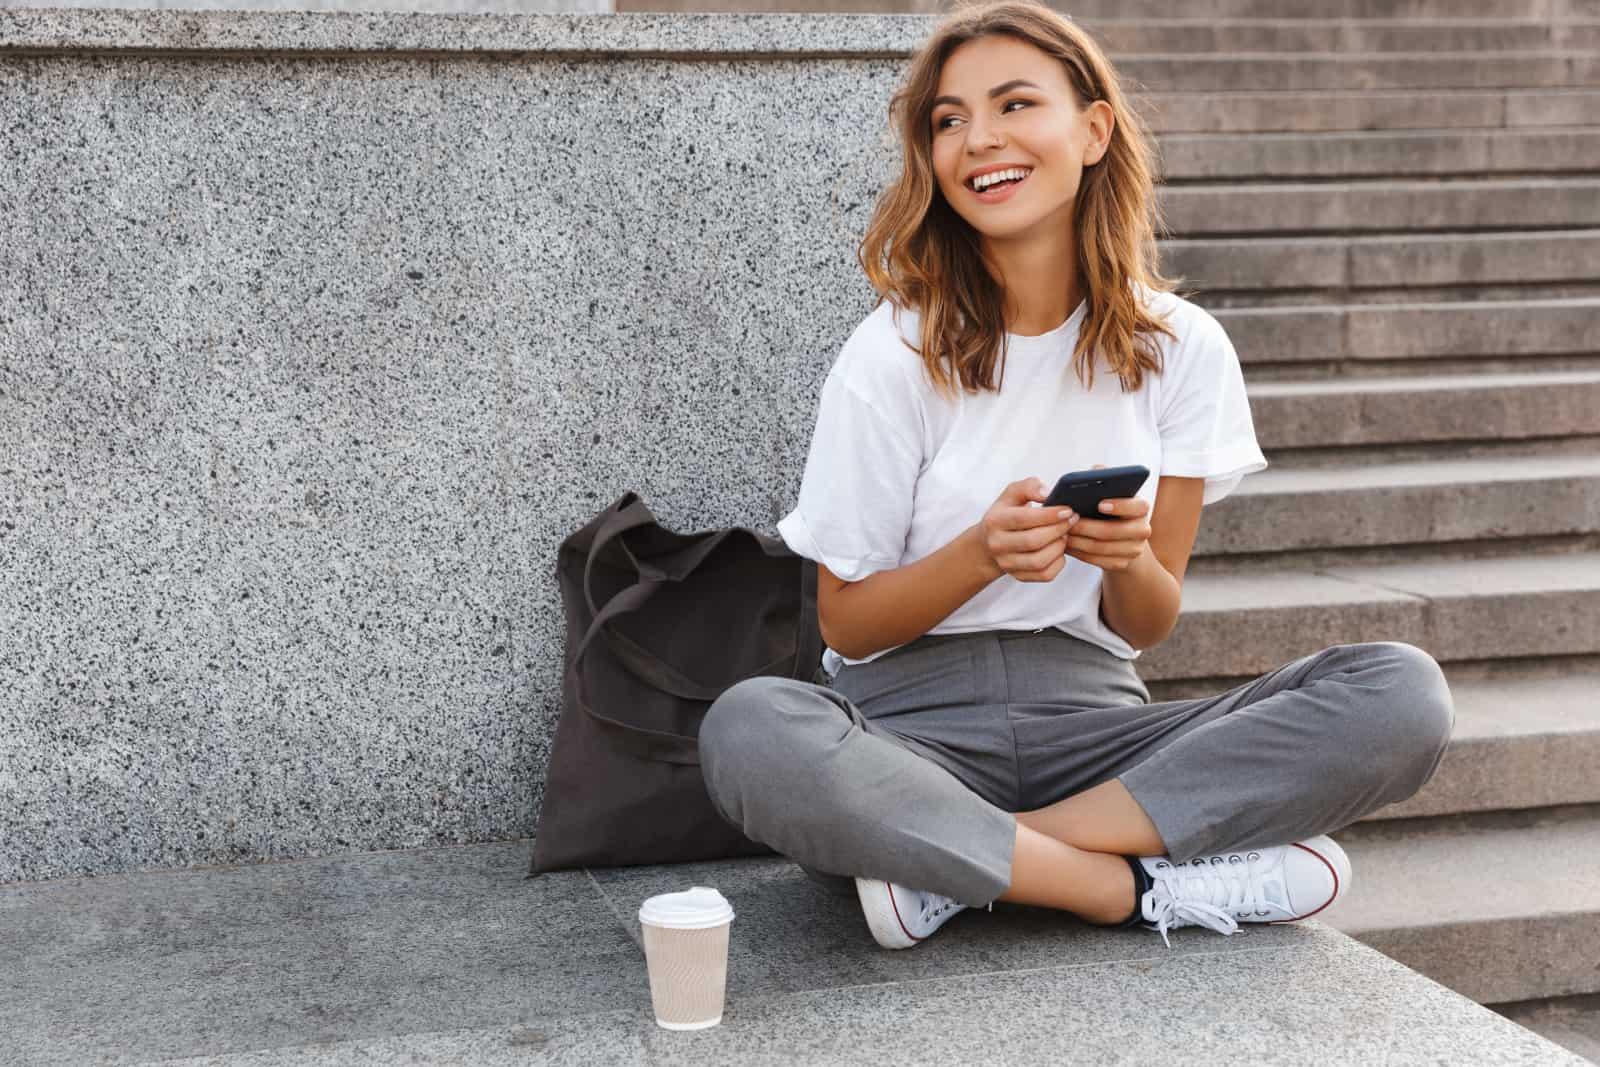 ein Mädchen sitzt auf dem Boden und einen Schlüssel auf ihrem Handy